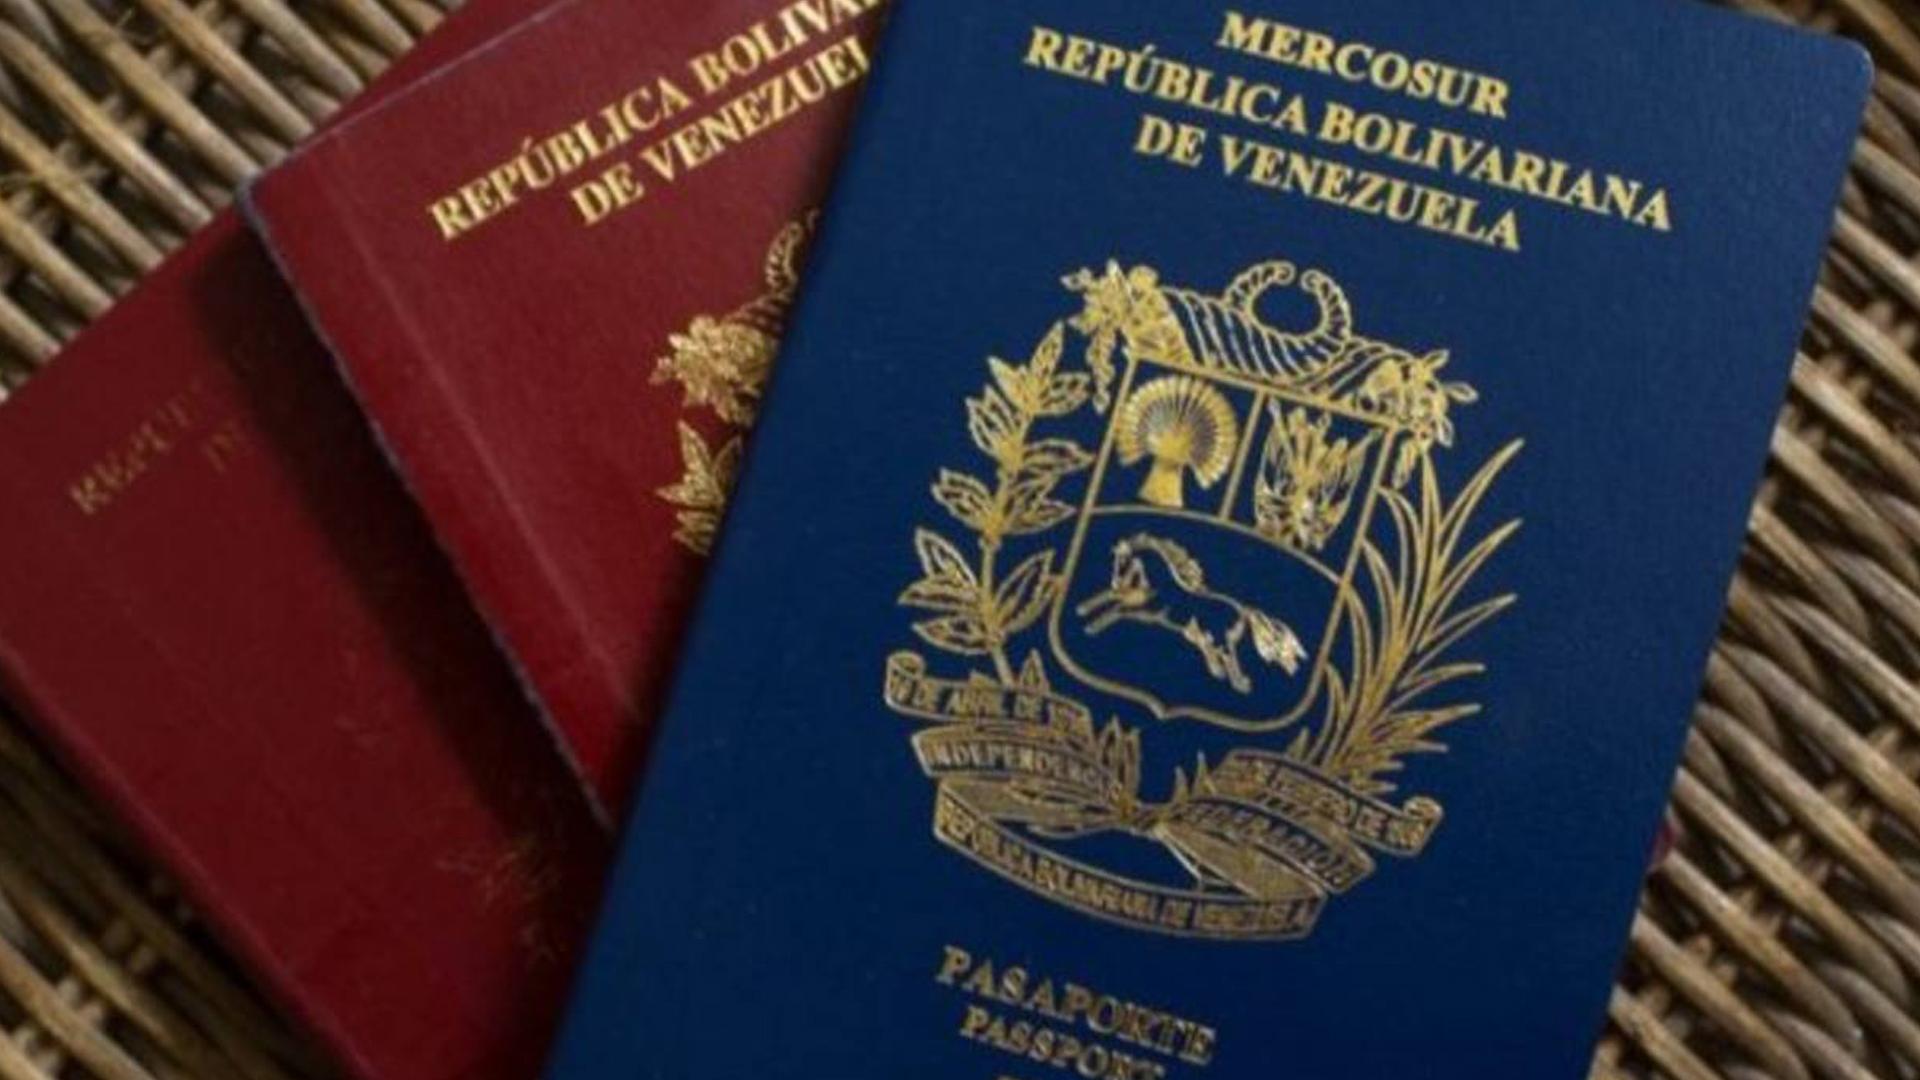 Saime aumenta el precio del pasaporte a 14 millones de bolívares